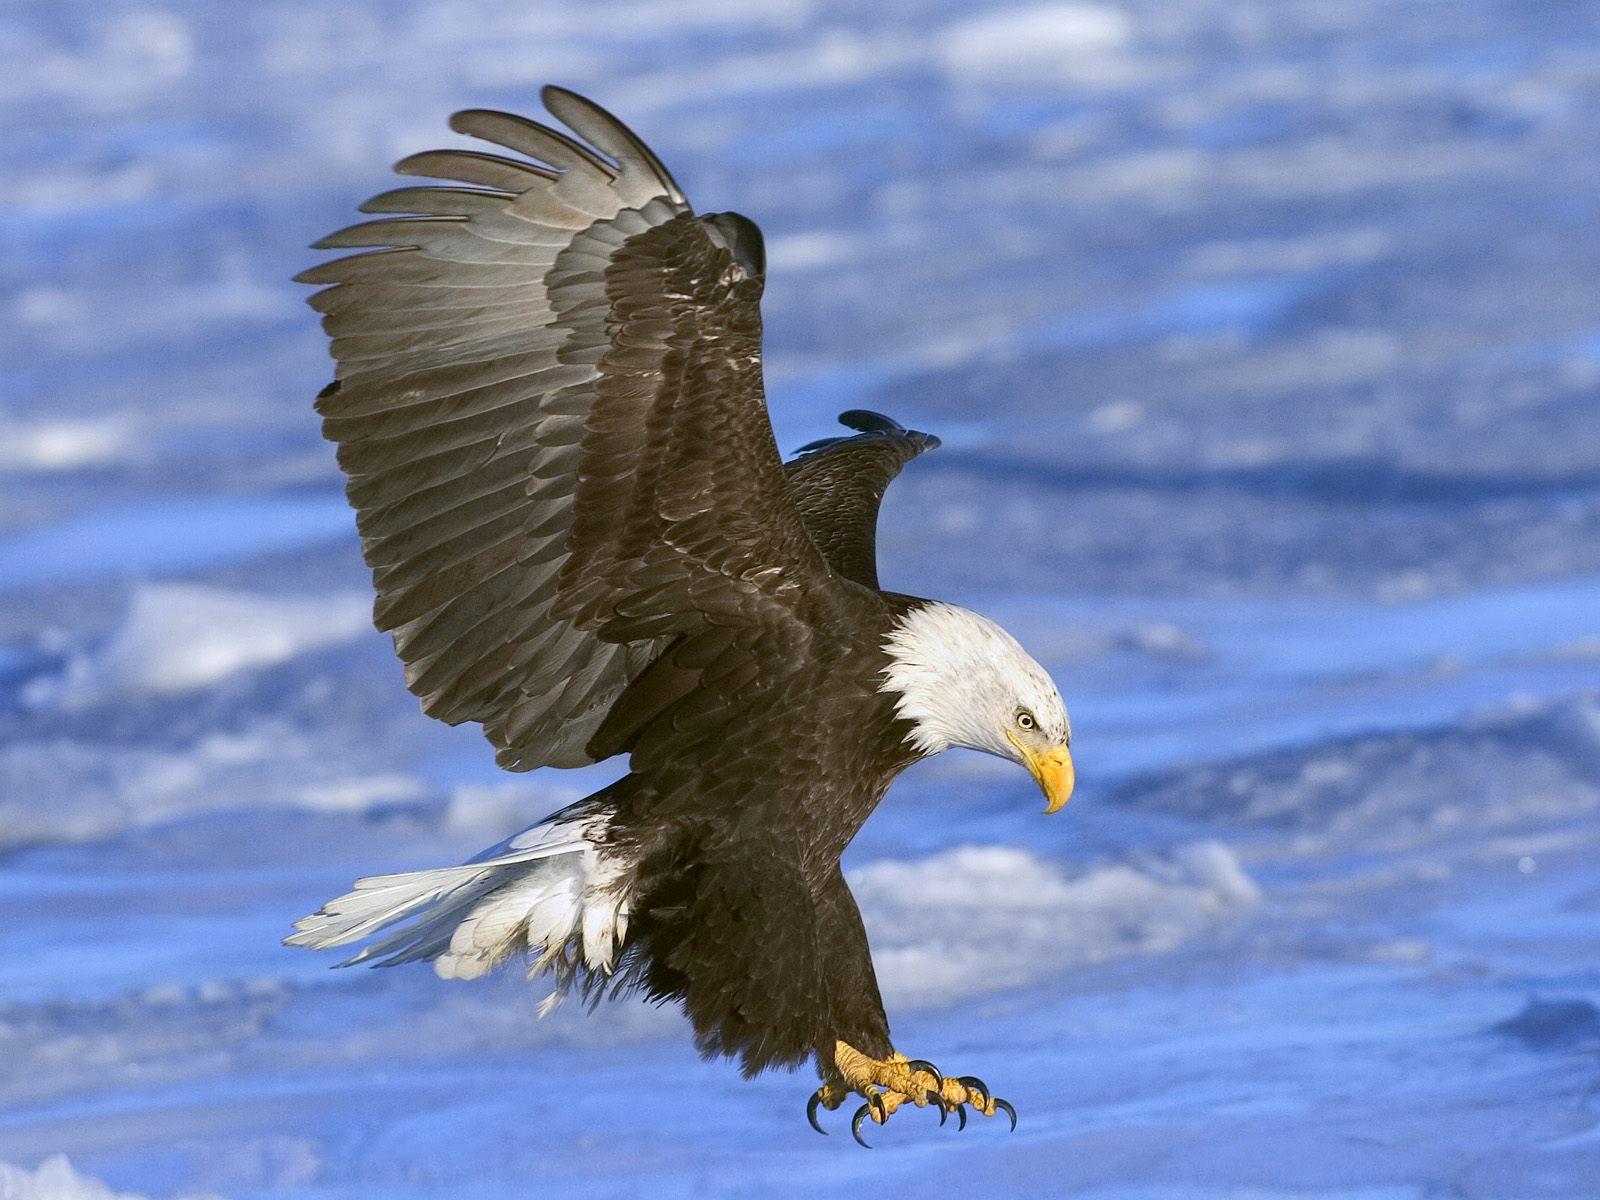 Hermosas Imágenes De Aves En Alta Definicion